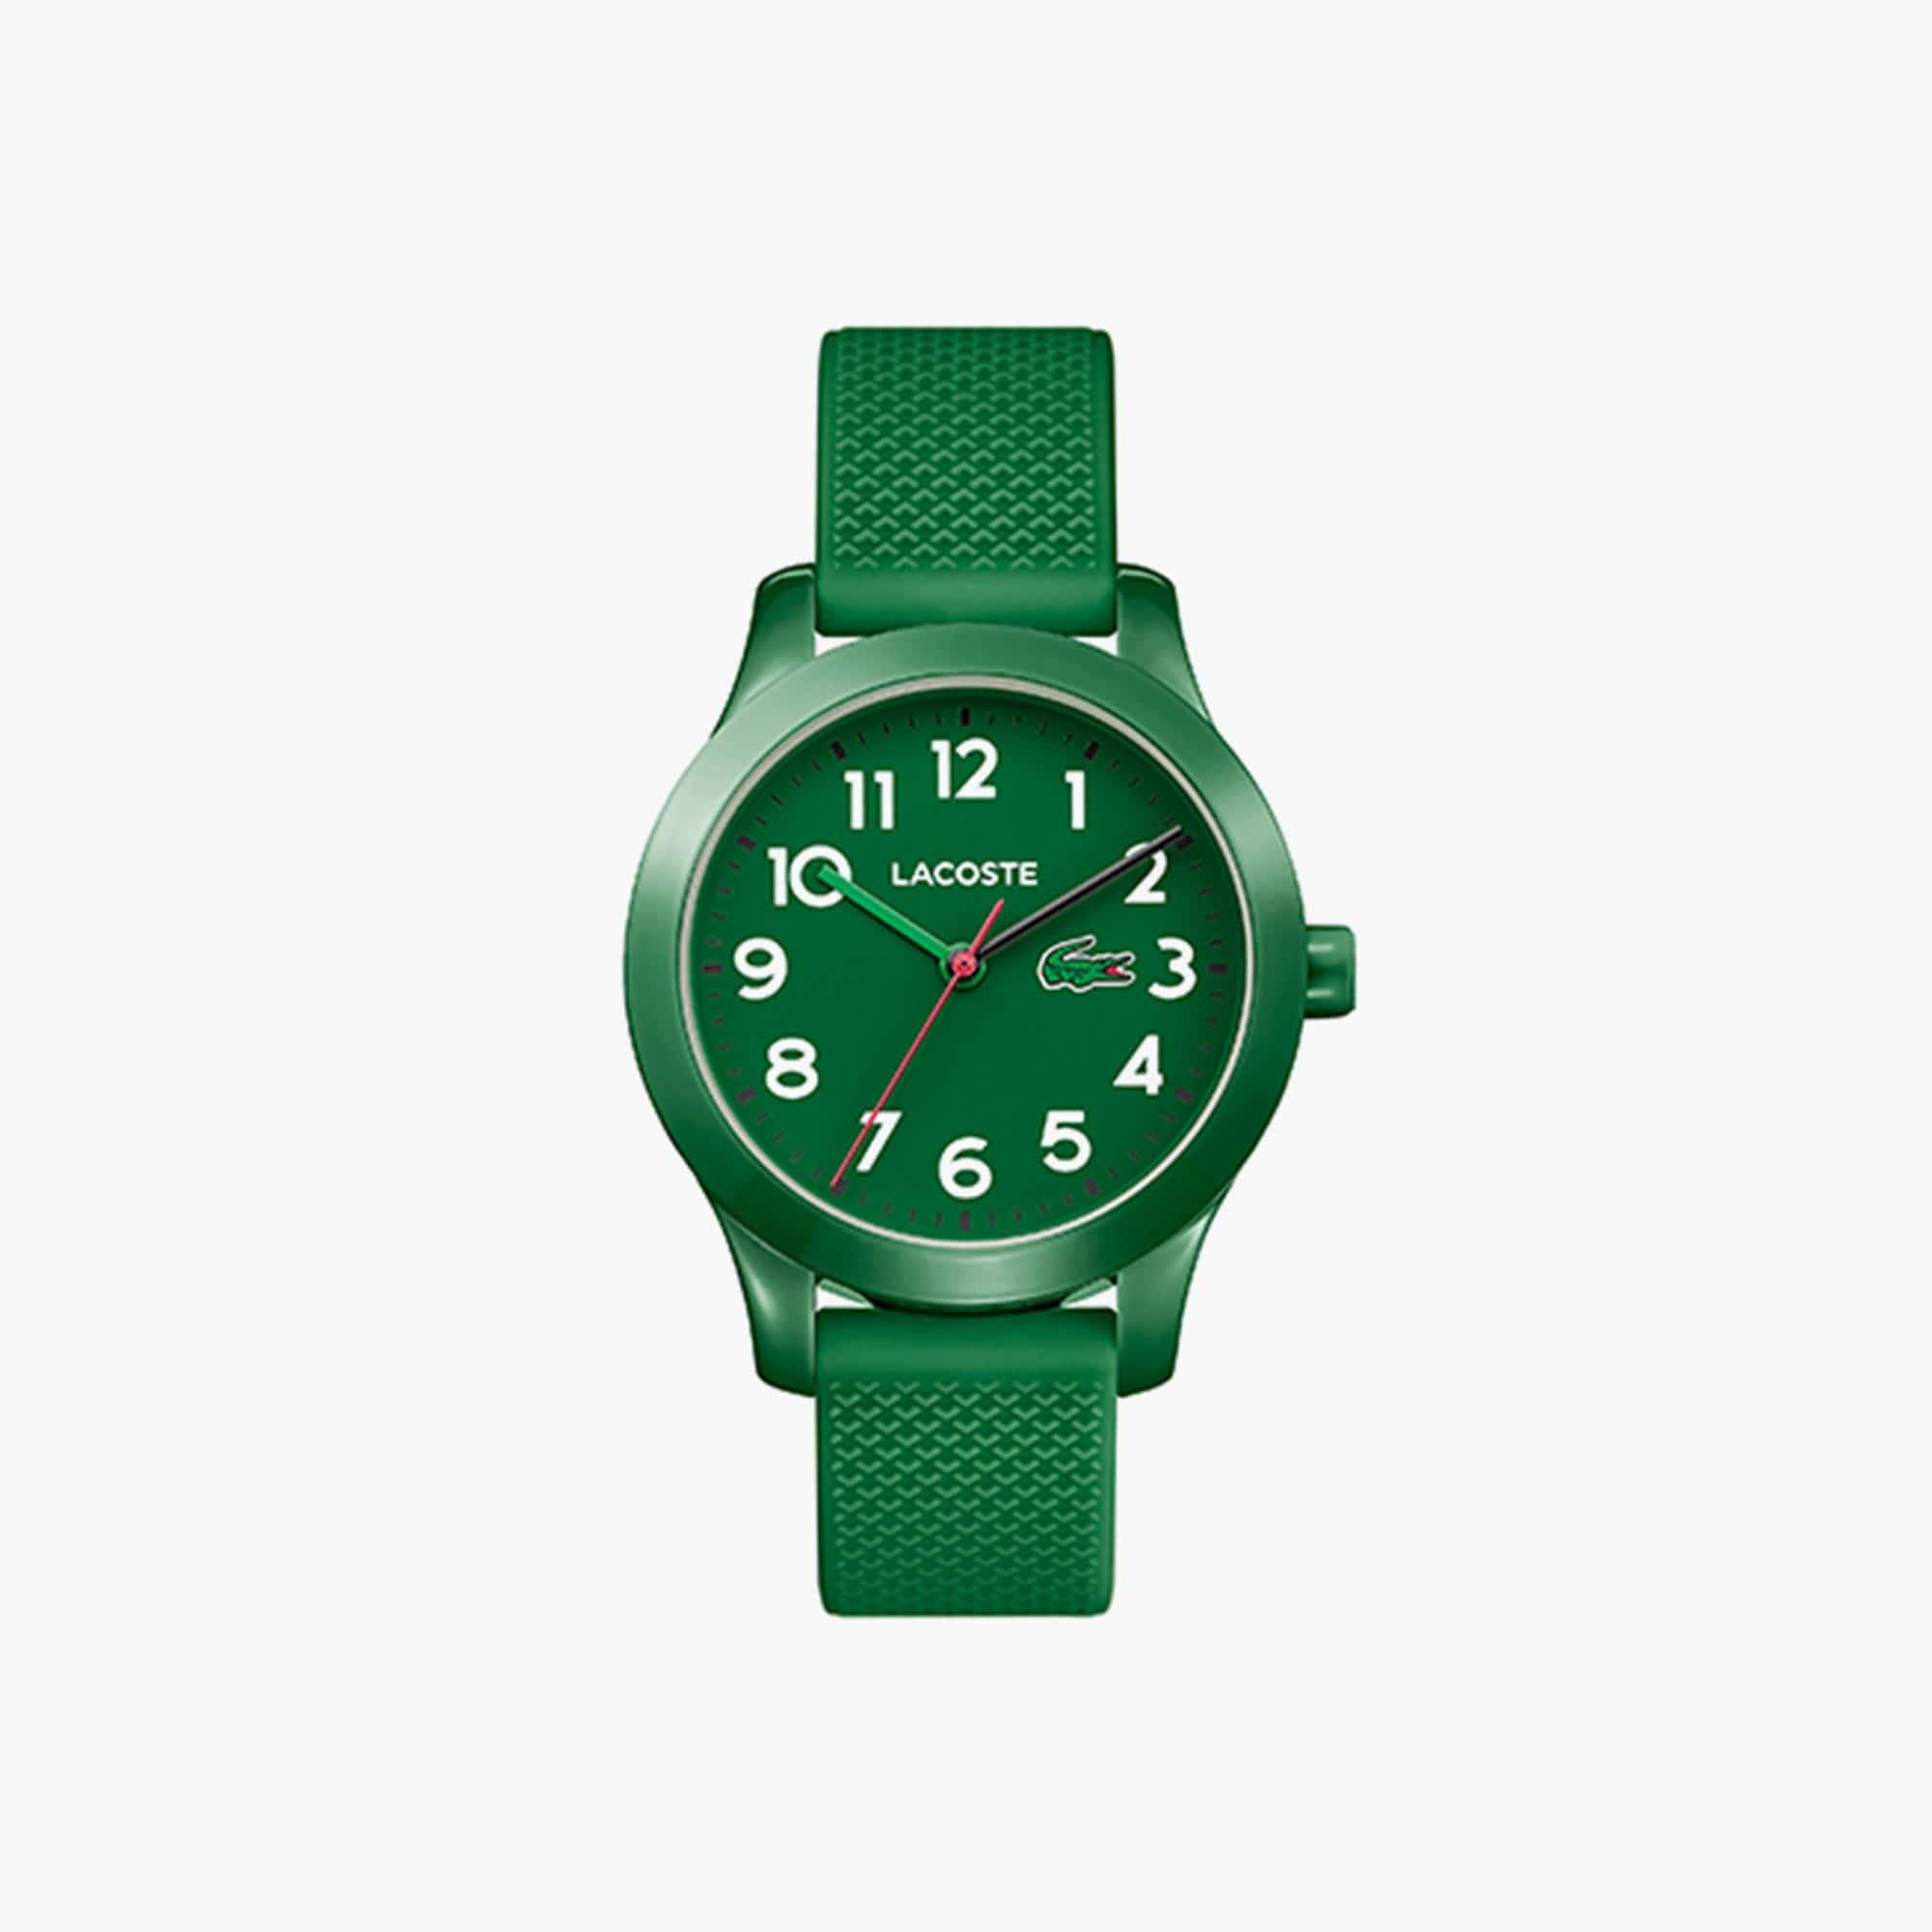 Montre Enfant Lacoste12.12 avec Bracelet Vert en Silicone